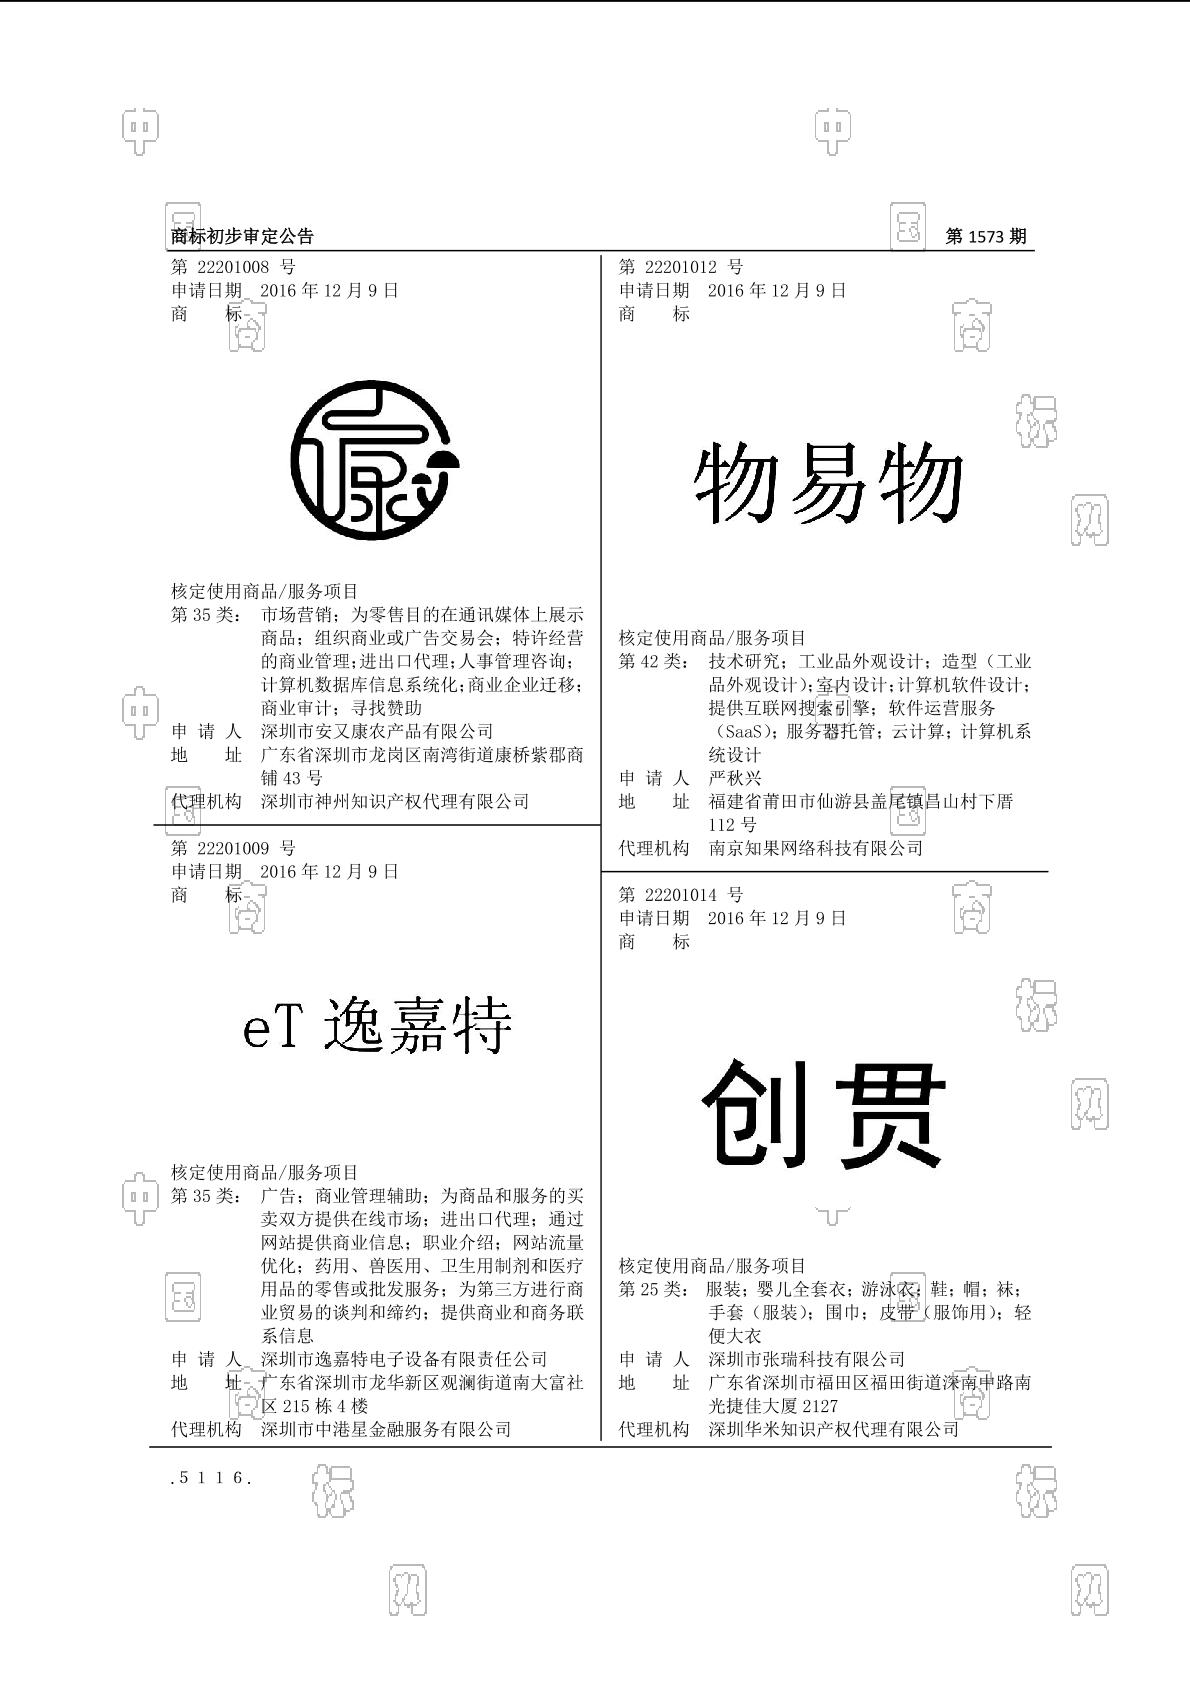 【社标网】物易物商标状态注册号信息 严秋兴商标信息-商标查询